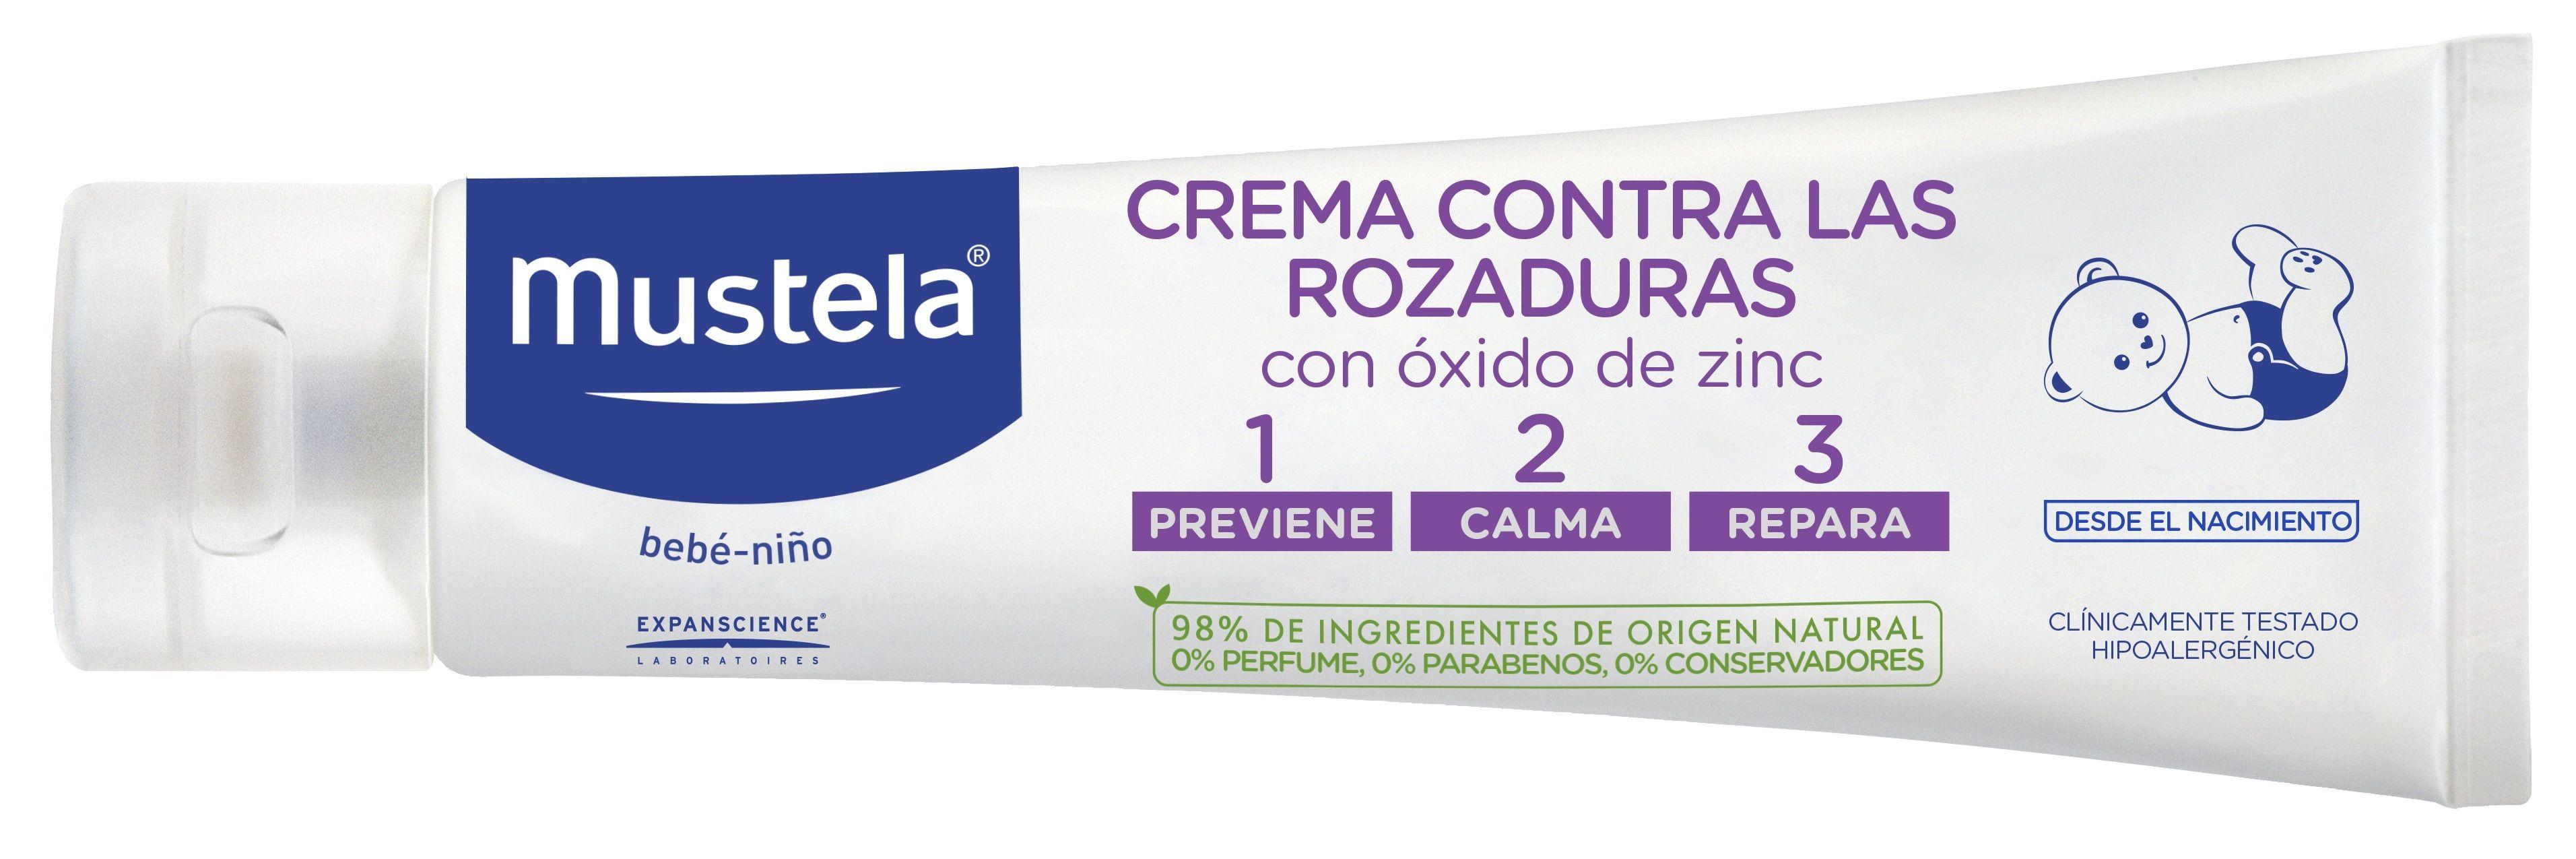 Fotografia Mustela, lanza la nuevaimagen de su Crema contra las